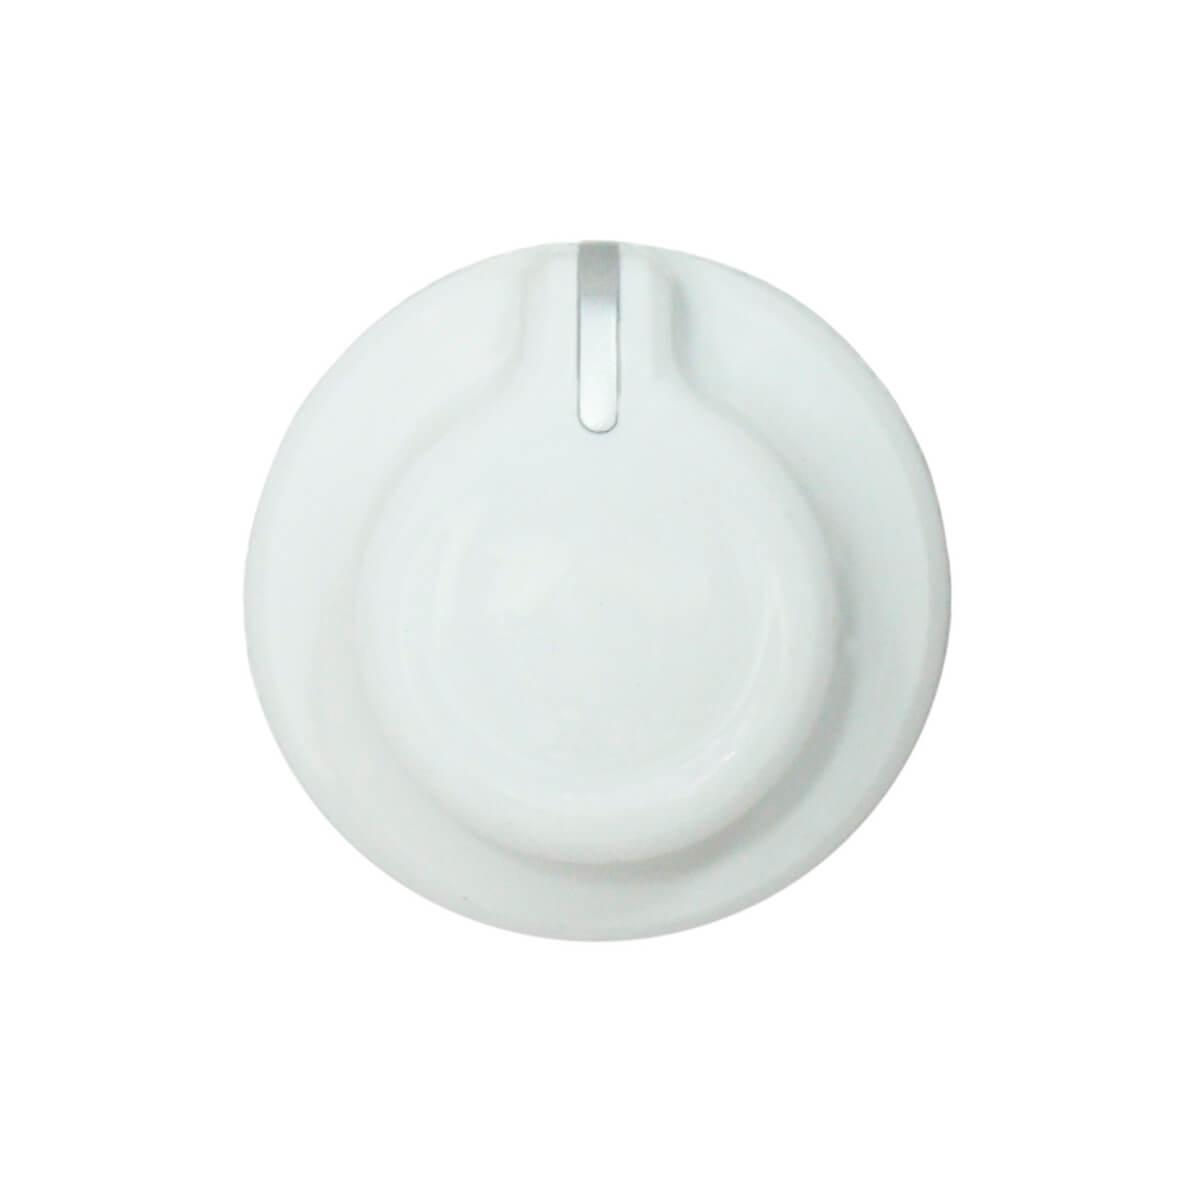 Botão Do Pressostato Para Lavadora De Roupas Electrolux LTE08 - 67400609